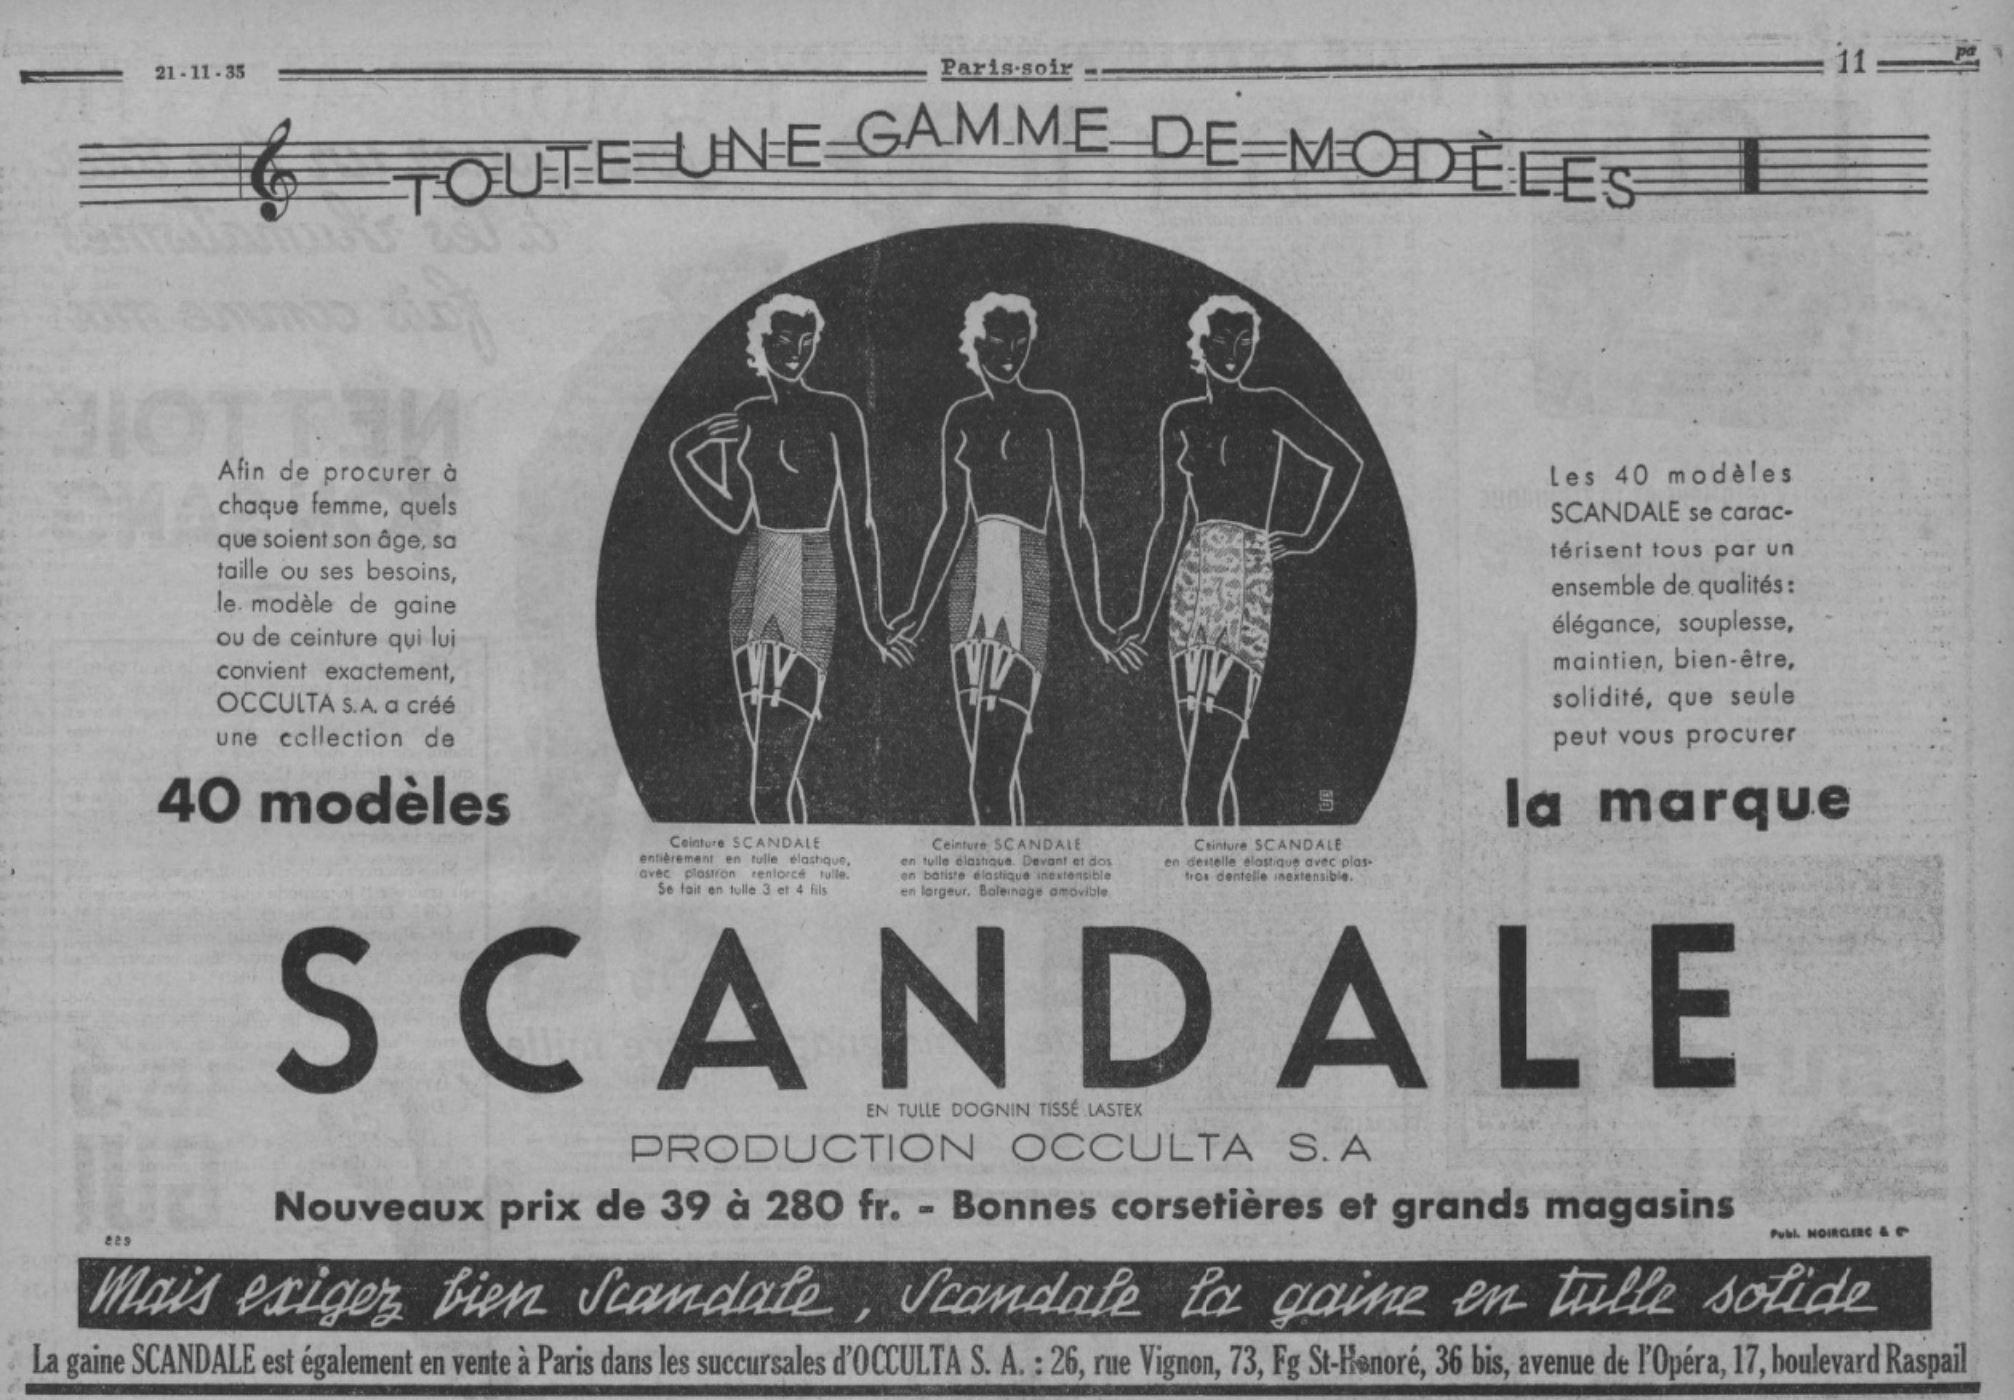 Scandale 1935 Paris Soir 21 novembre